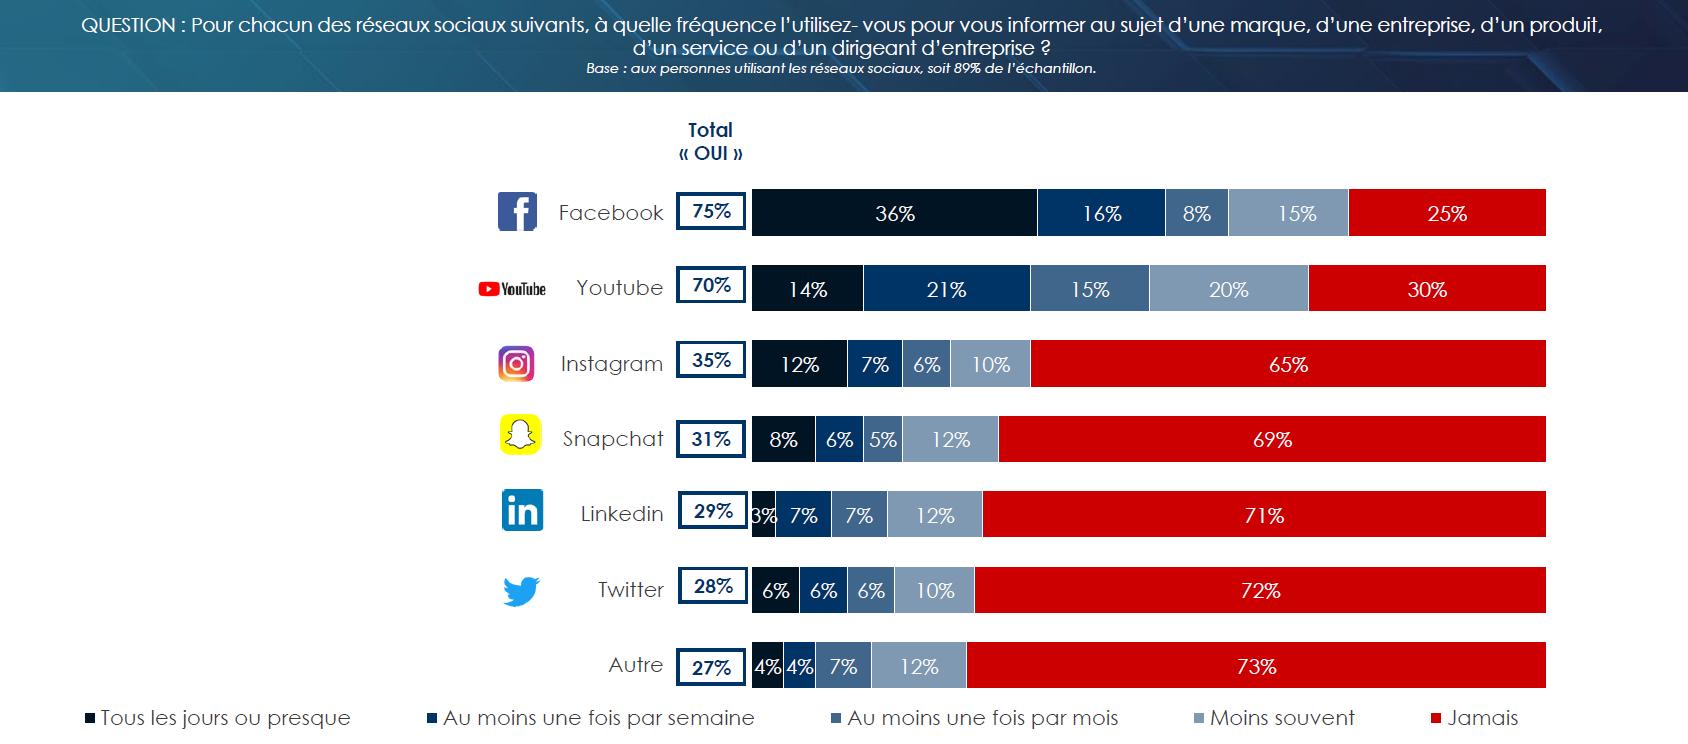 Les médias sociaux les plus utilisés pour s'informer sur une marque